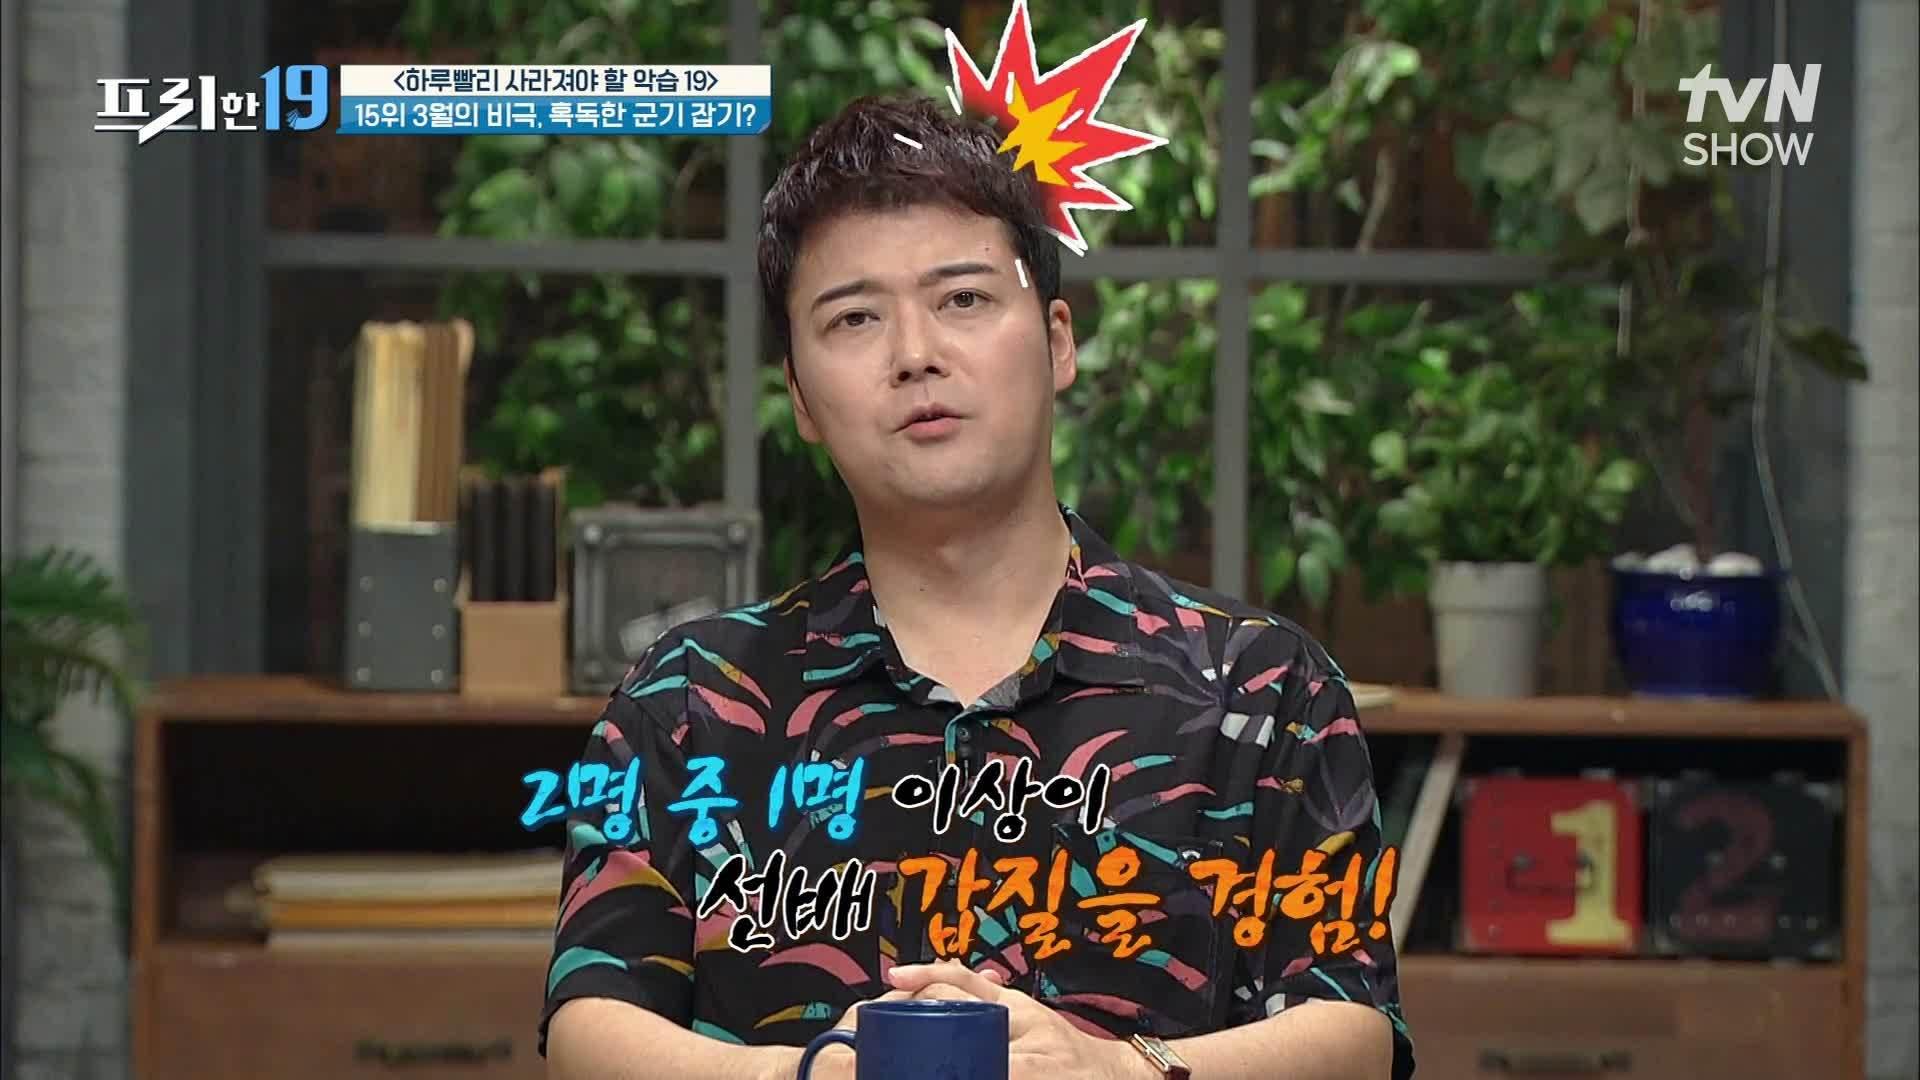 경험자 57.6%?! 통과의례로 거쳐야 하는 혹독한 신고식  [하루빨리 사라져야 할 악습 19] | tvN SHOW 210920 방송